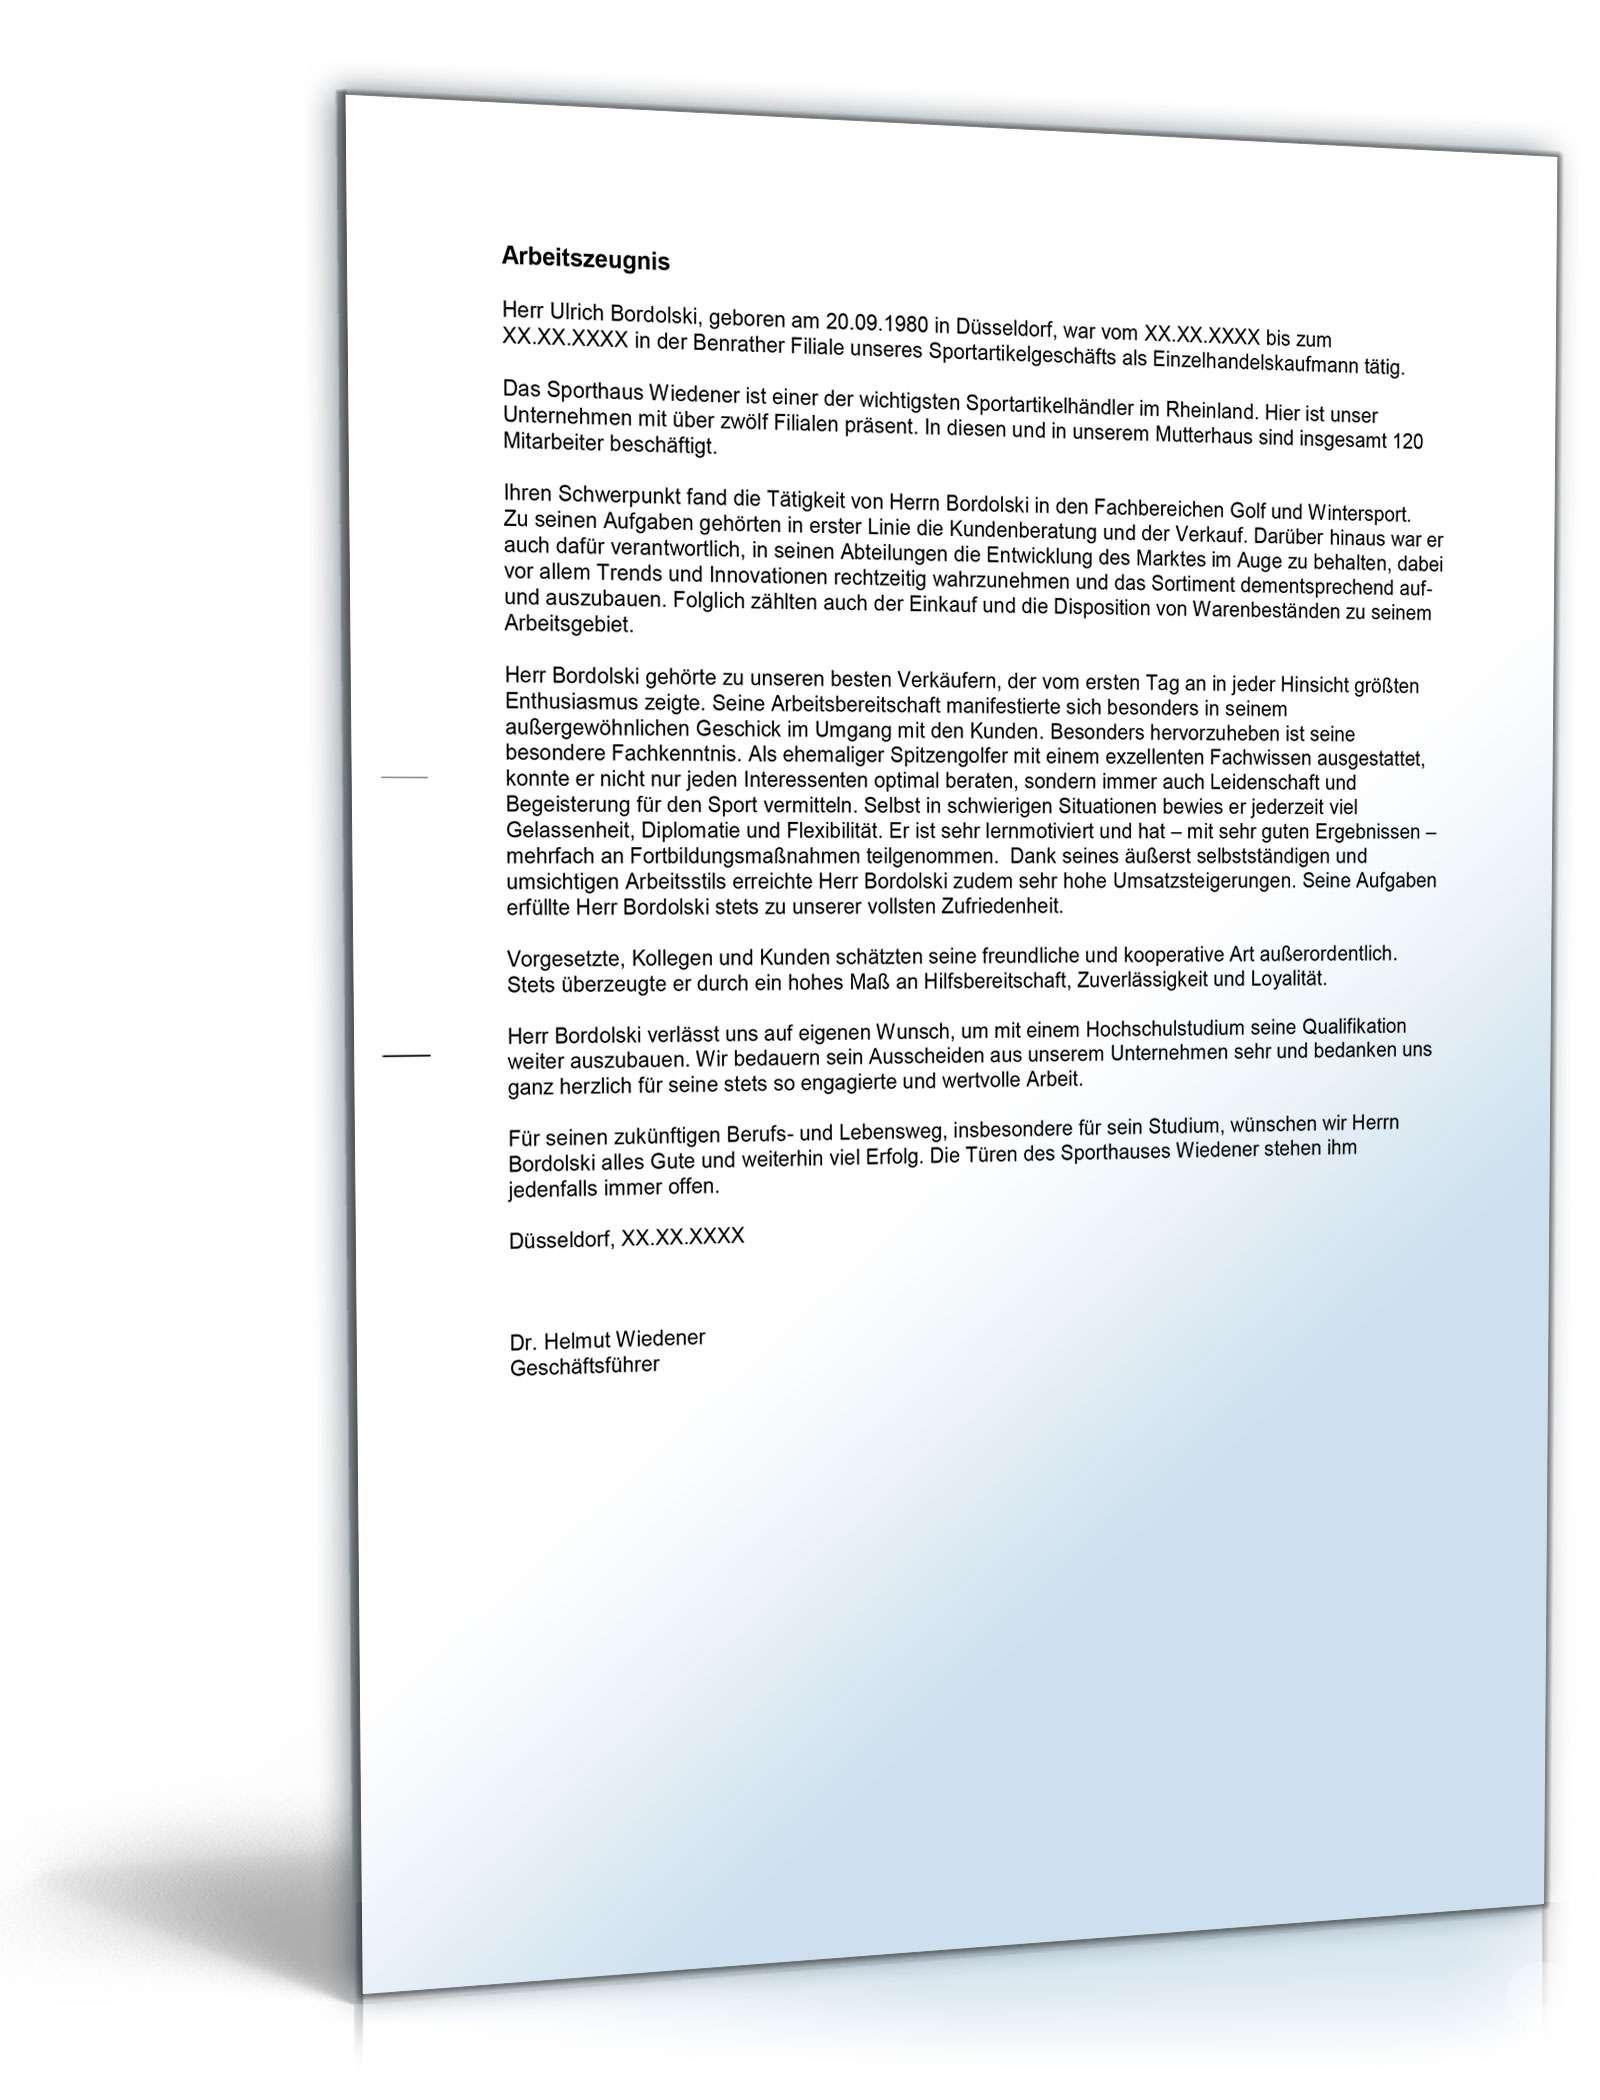 Arbeitszeugnis Einzelhandelskaufleute Muster Zum Download